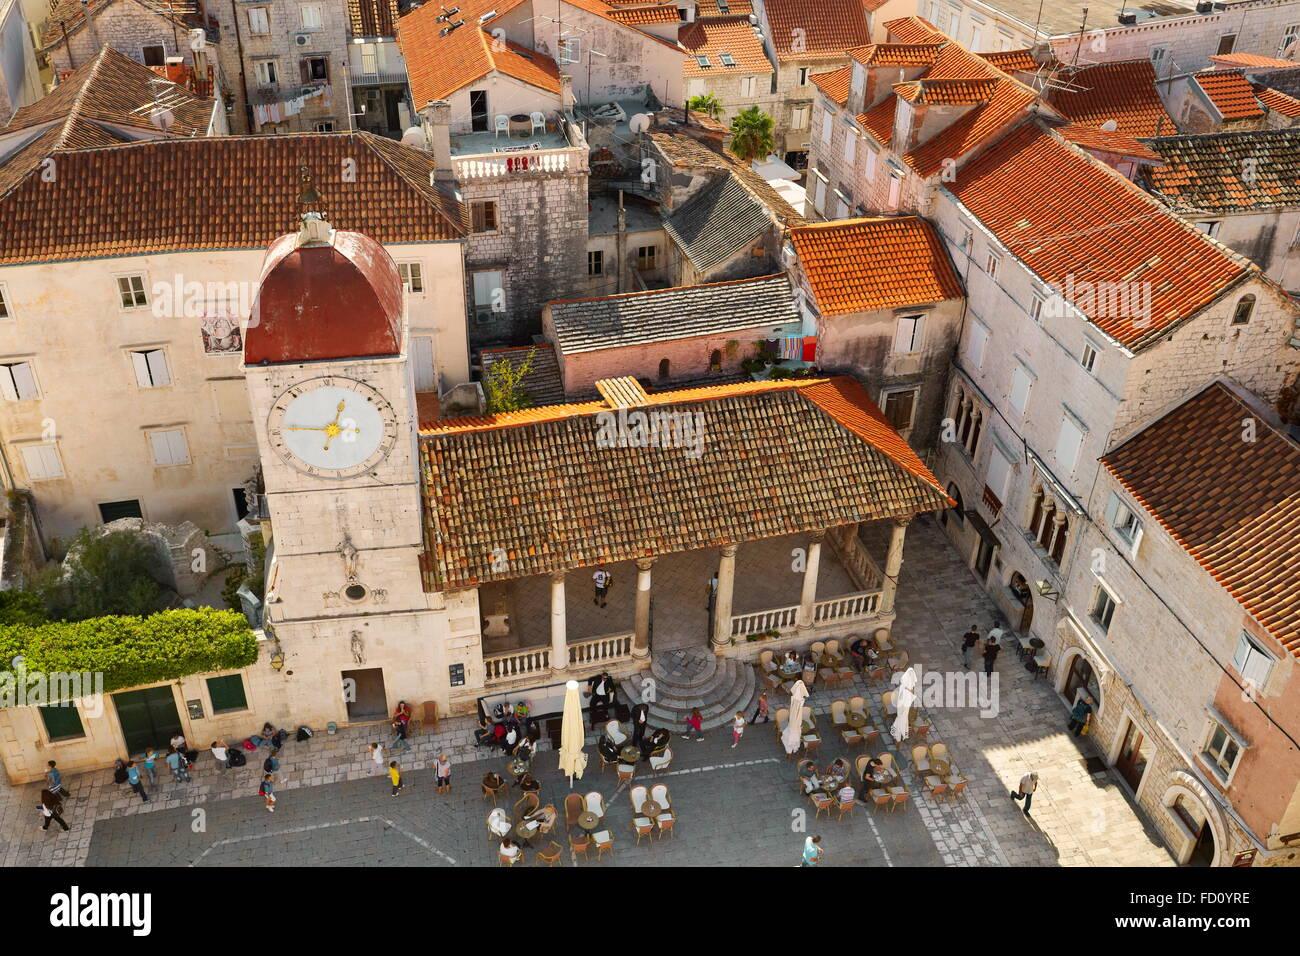 Trogir Croatia, Old Town square in Trogir - Stock Image